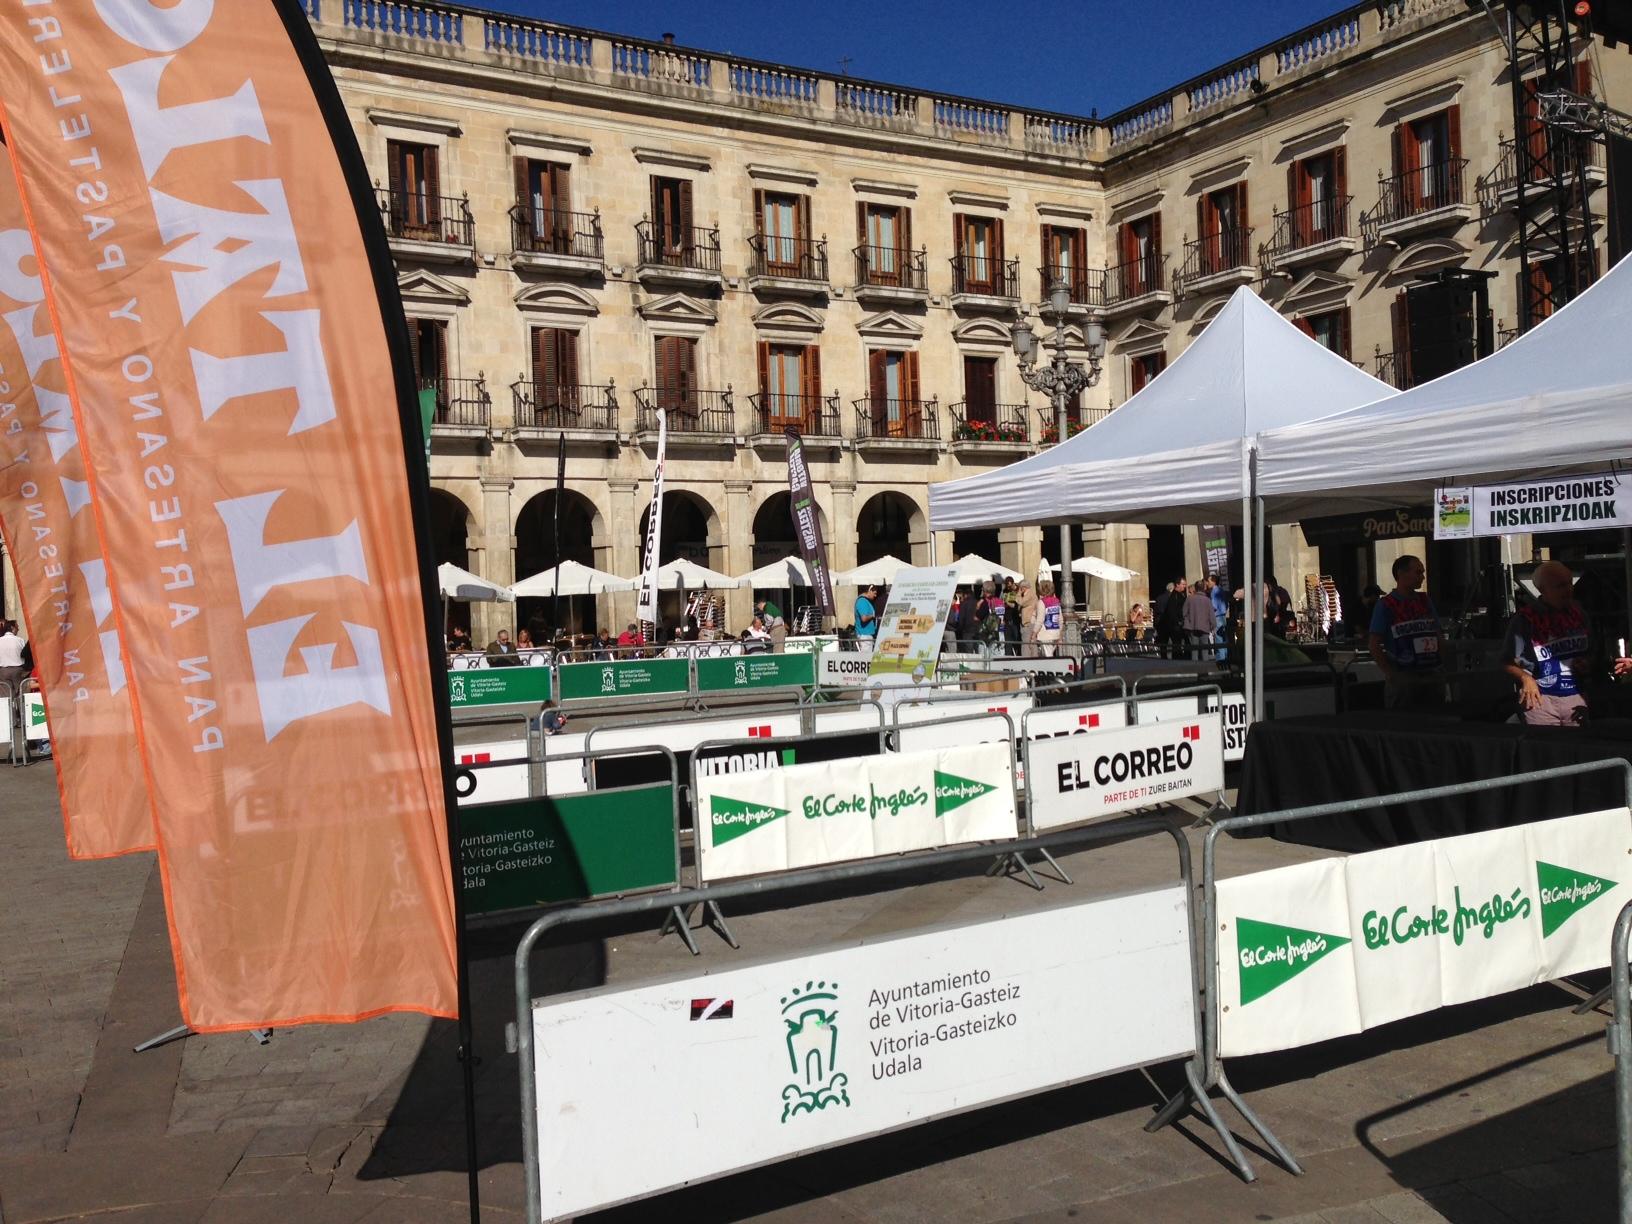 Eventokit Diario El Correo marcha green 2013, vallas banners y carpas plegables